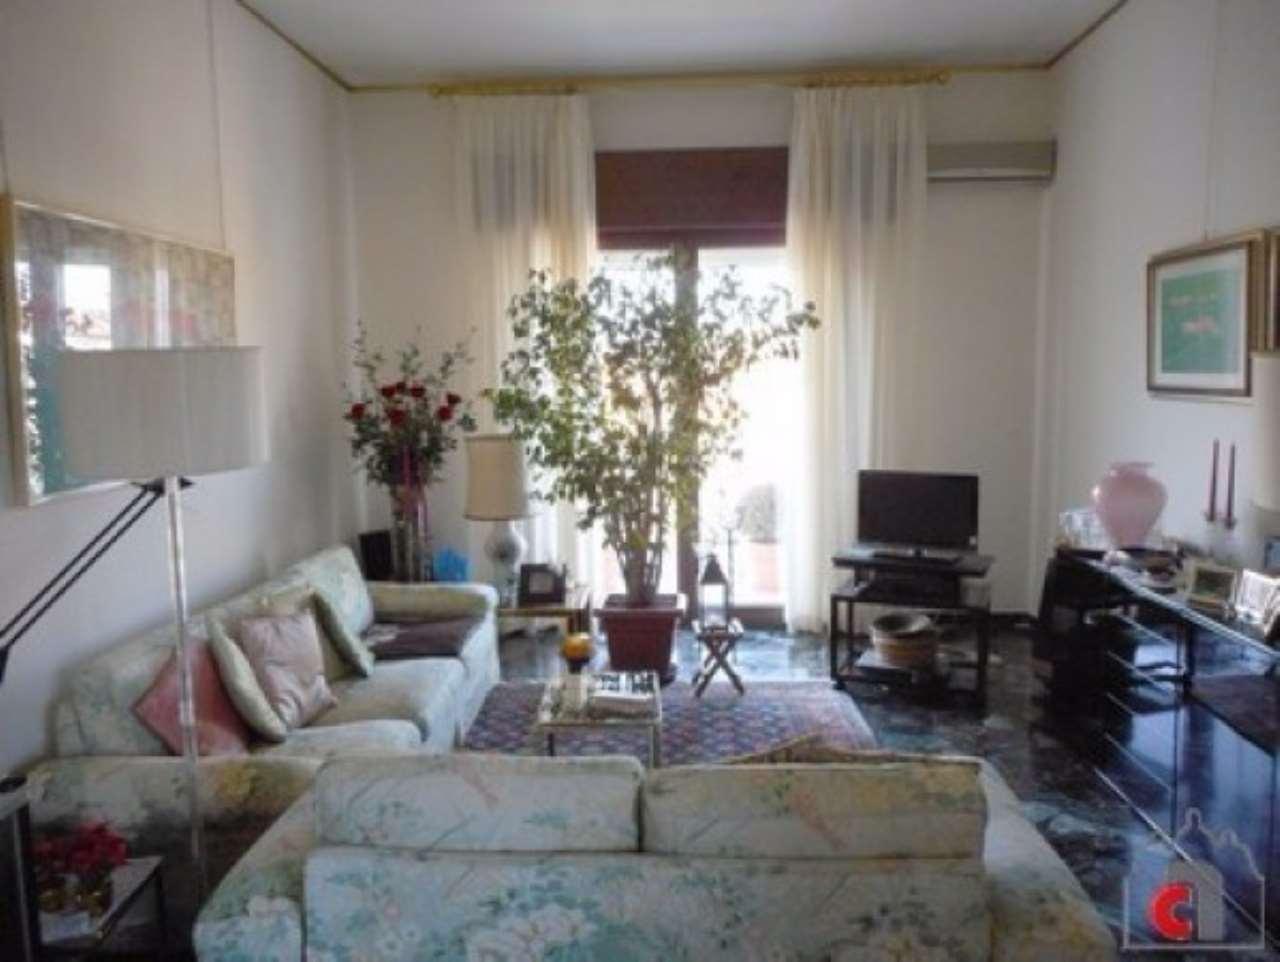 Soluzione Indipendente in vendita a Padova, 5 locali, zona Zona: 4 . Sud-Est (S.Croce-S. Osvaldo, Bassanello-Voltabarozzo), prezzo € 240.000 | Cambio Casa.it